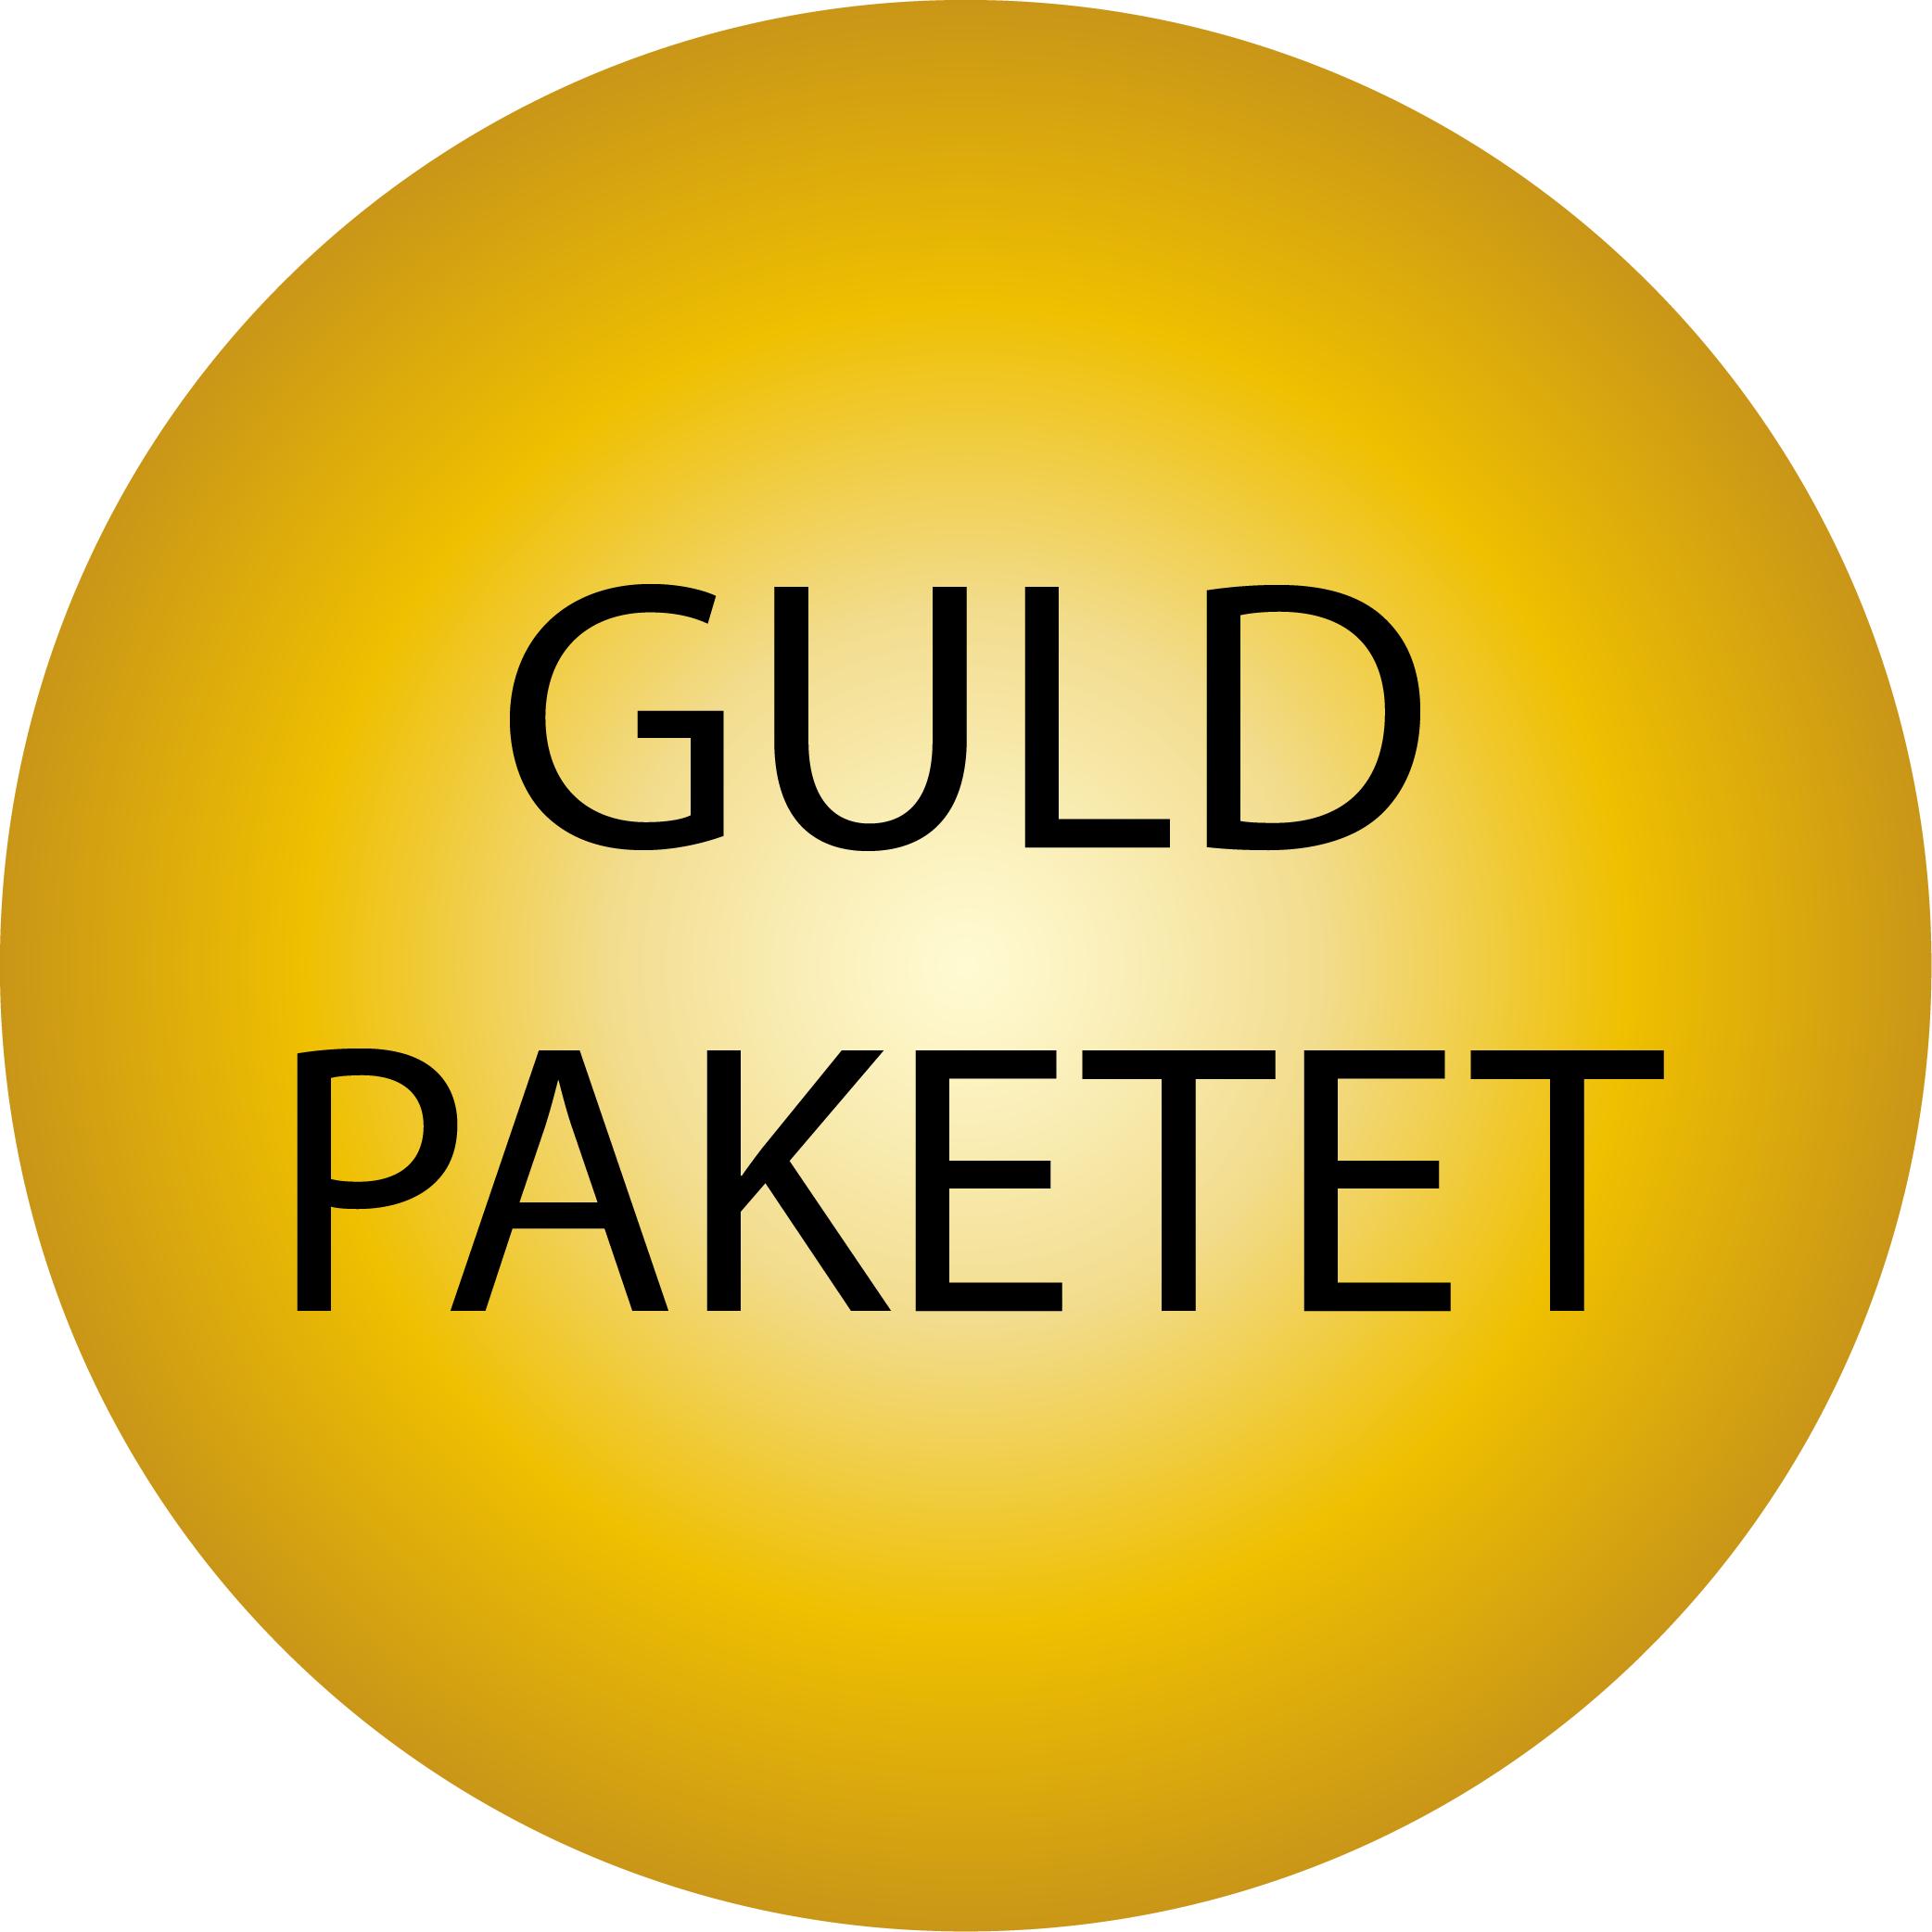 Guldpaketet